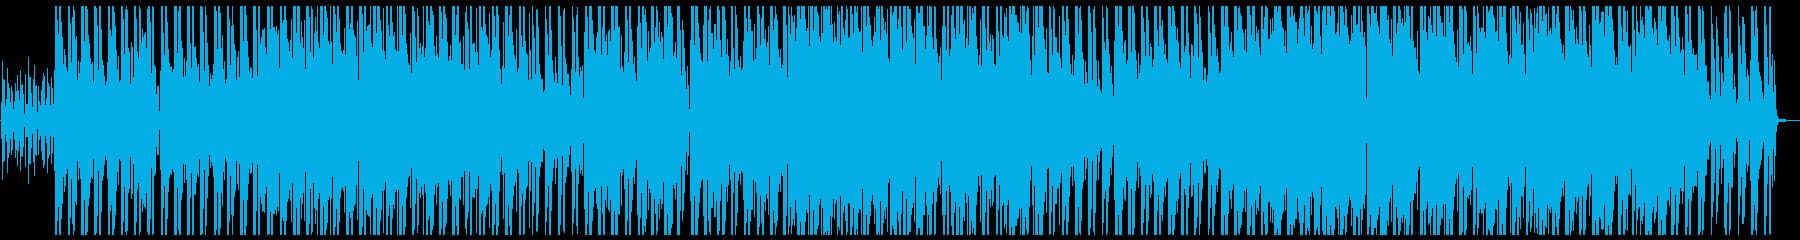 壮大 ジャズ & クラシックの再生済みの波形